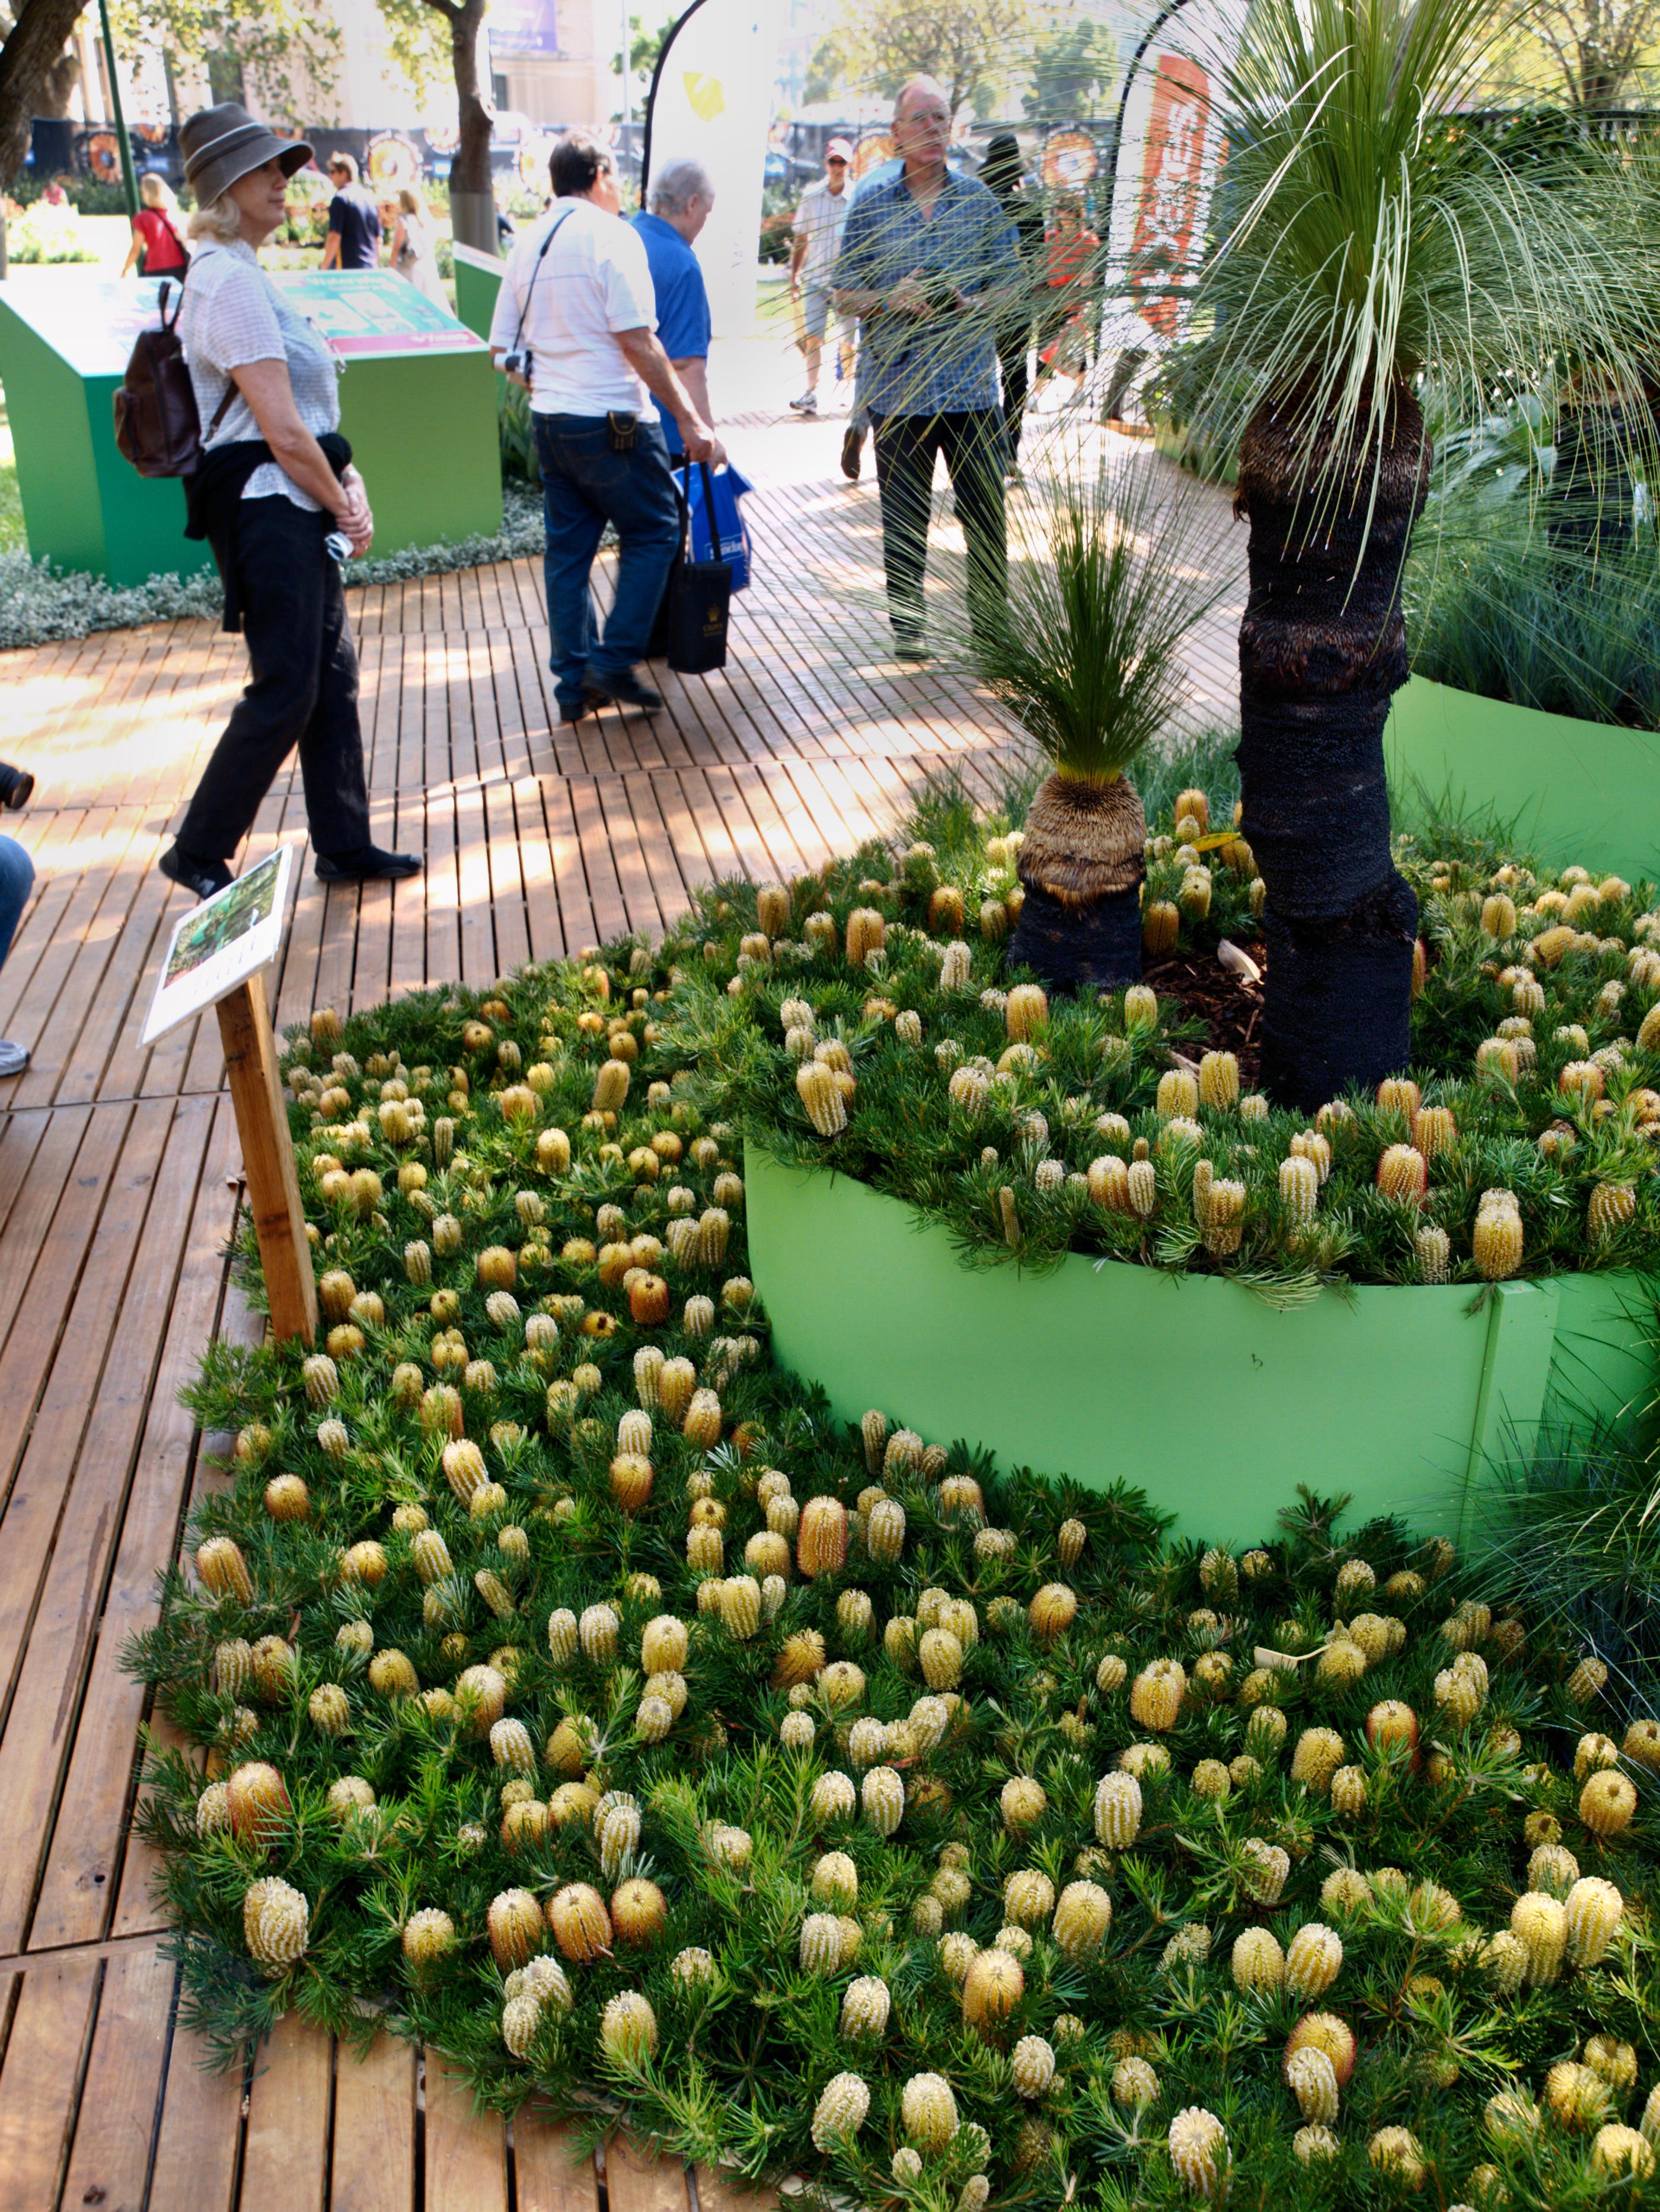 Garden-show-4.jpeg